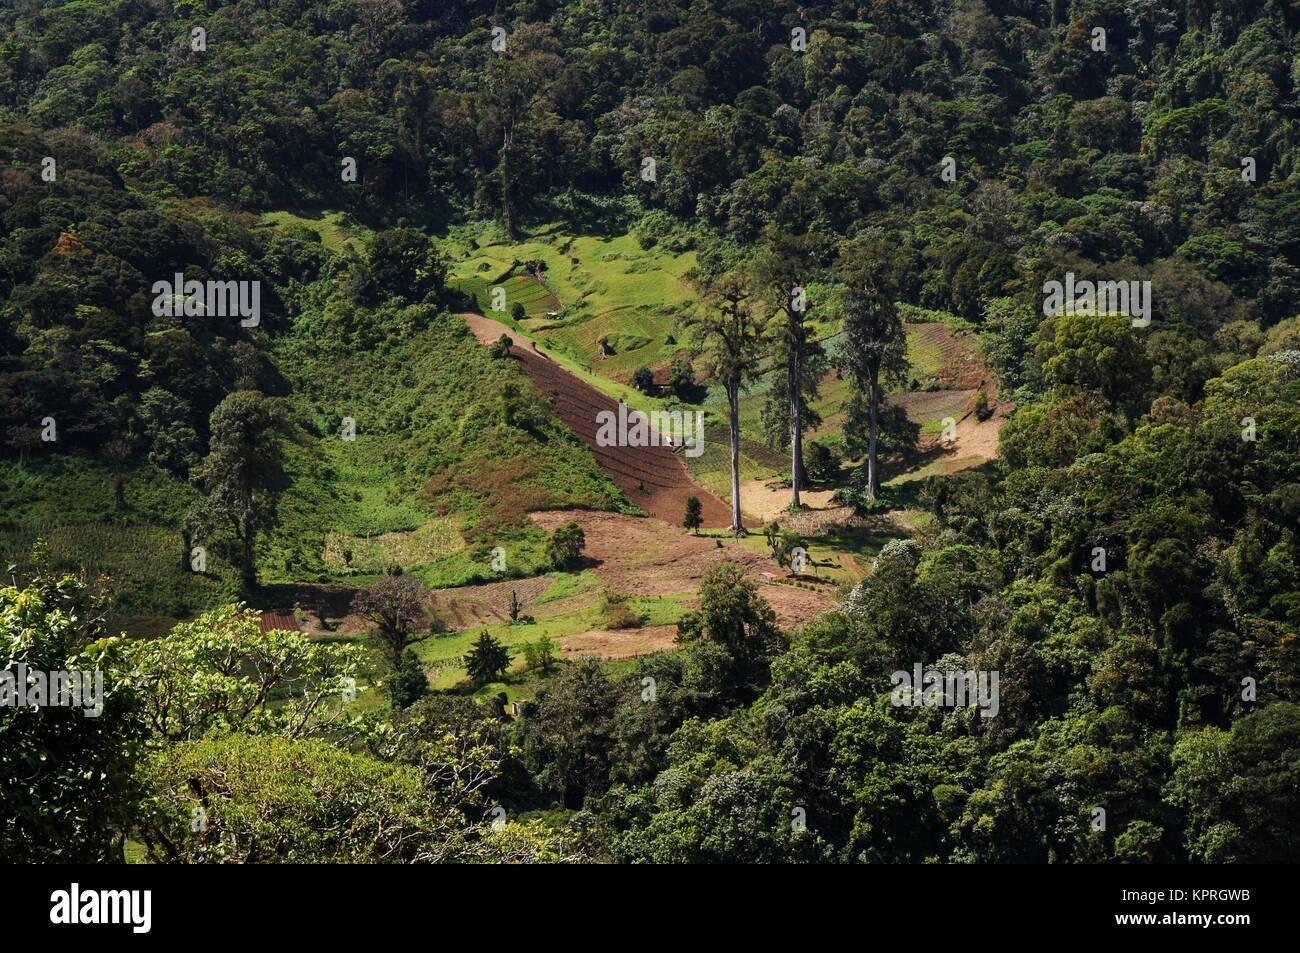 Giorno Brignt vista sul paesaggio di montagna in Panama con zona agricola su terreno irregolare Immagini Stock